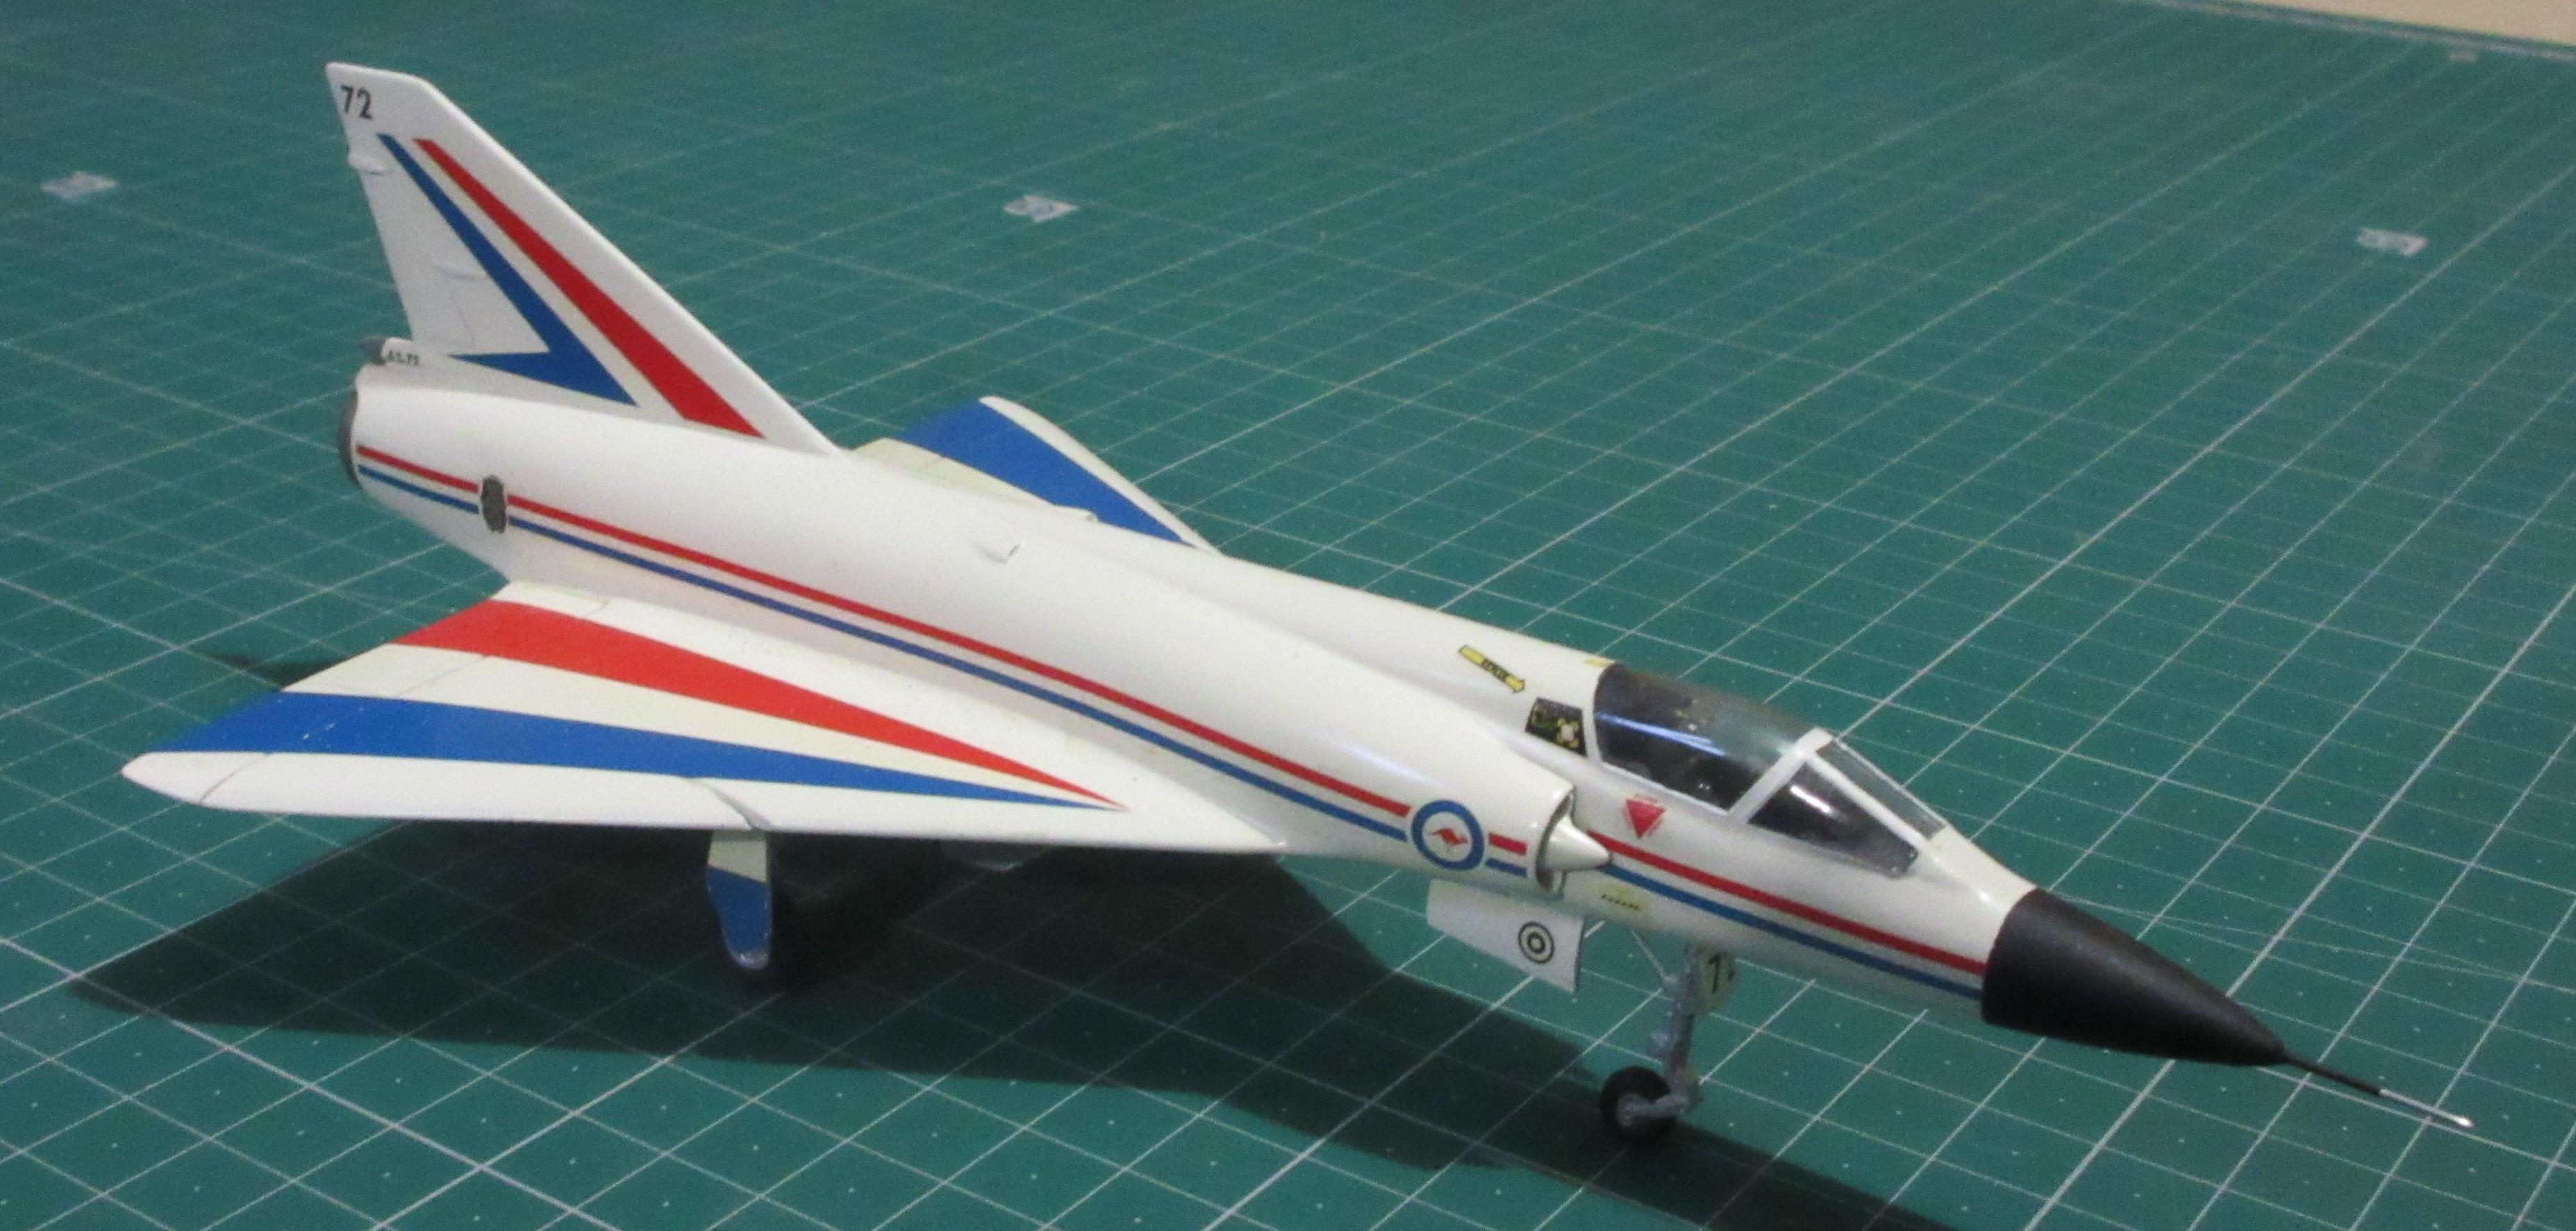 Dassault Mirage IIIO A3-72 - Frog 72